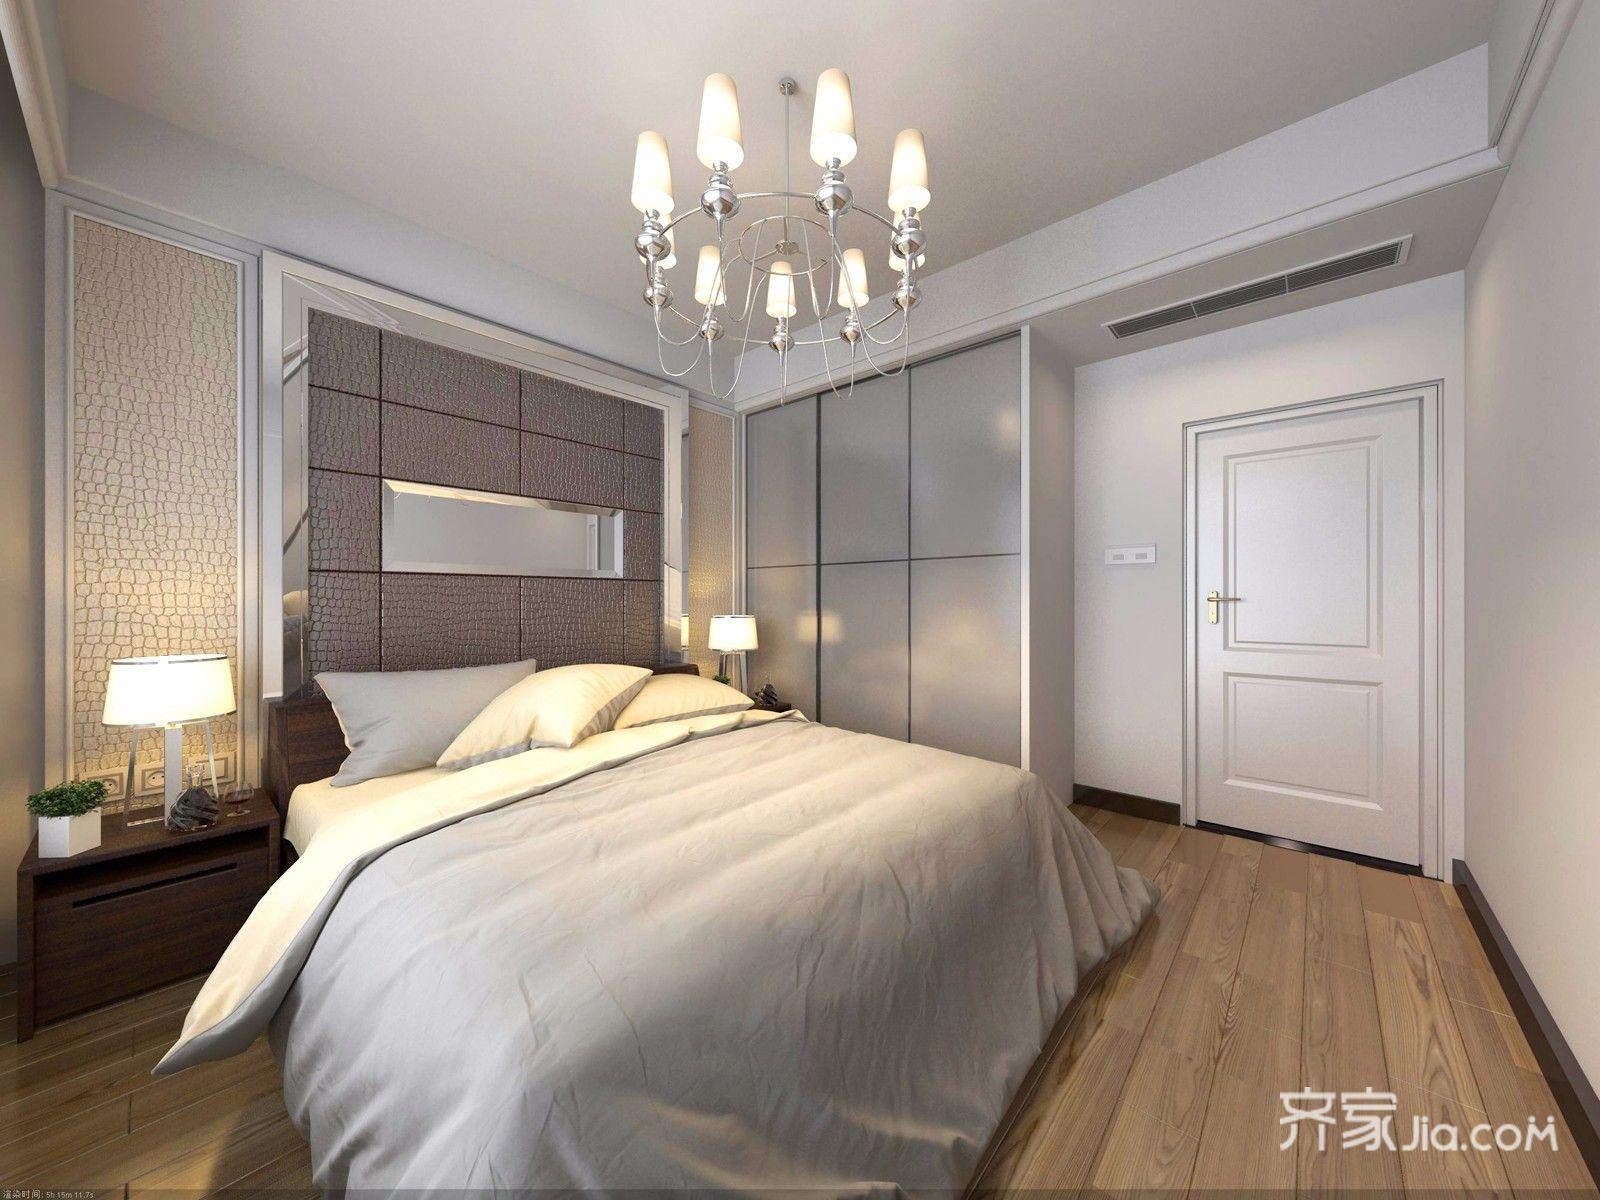 85㎡二居现代简约卧室装修效果图